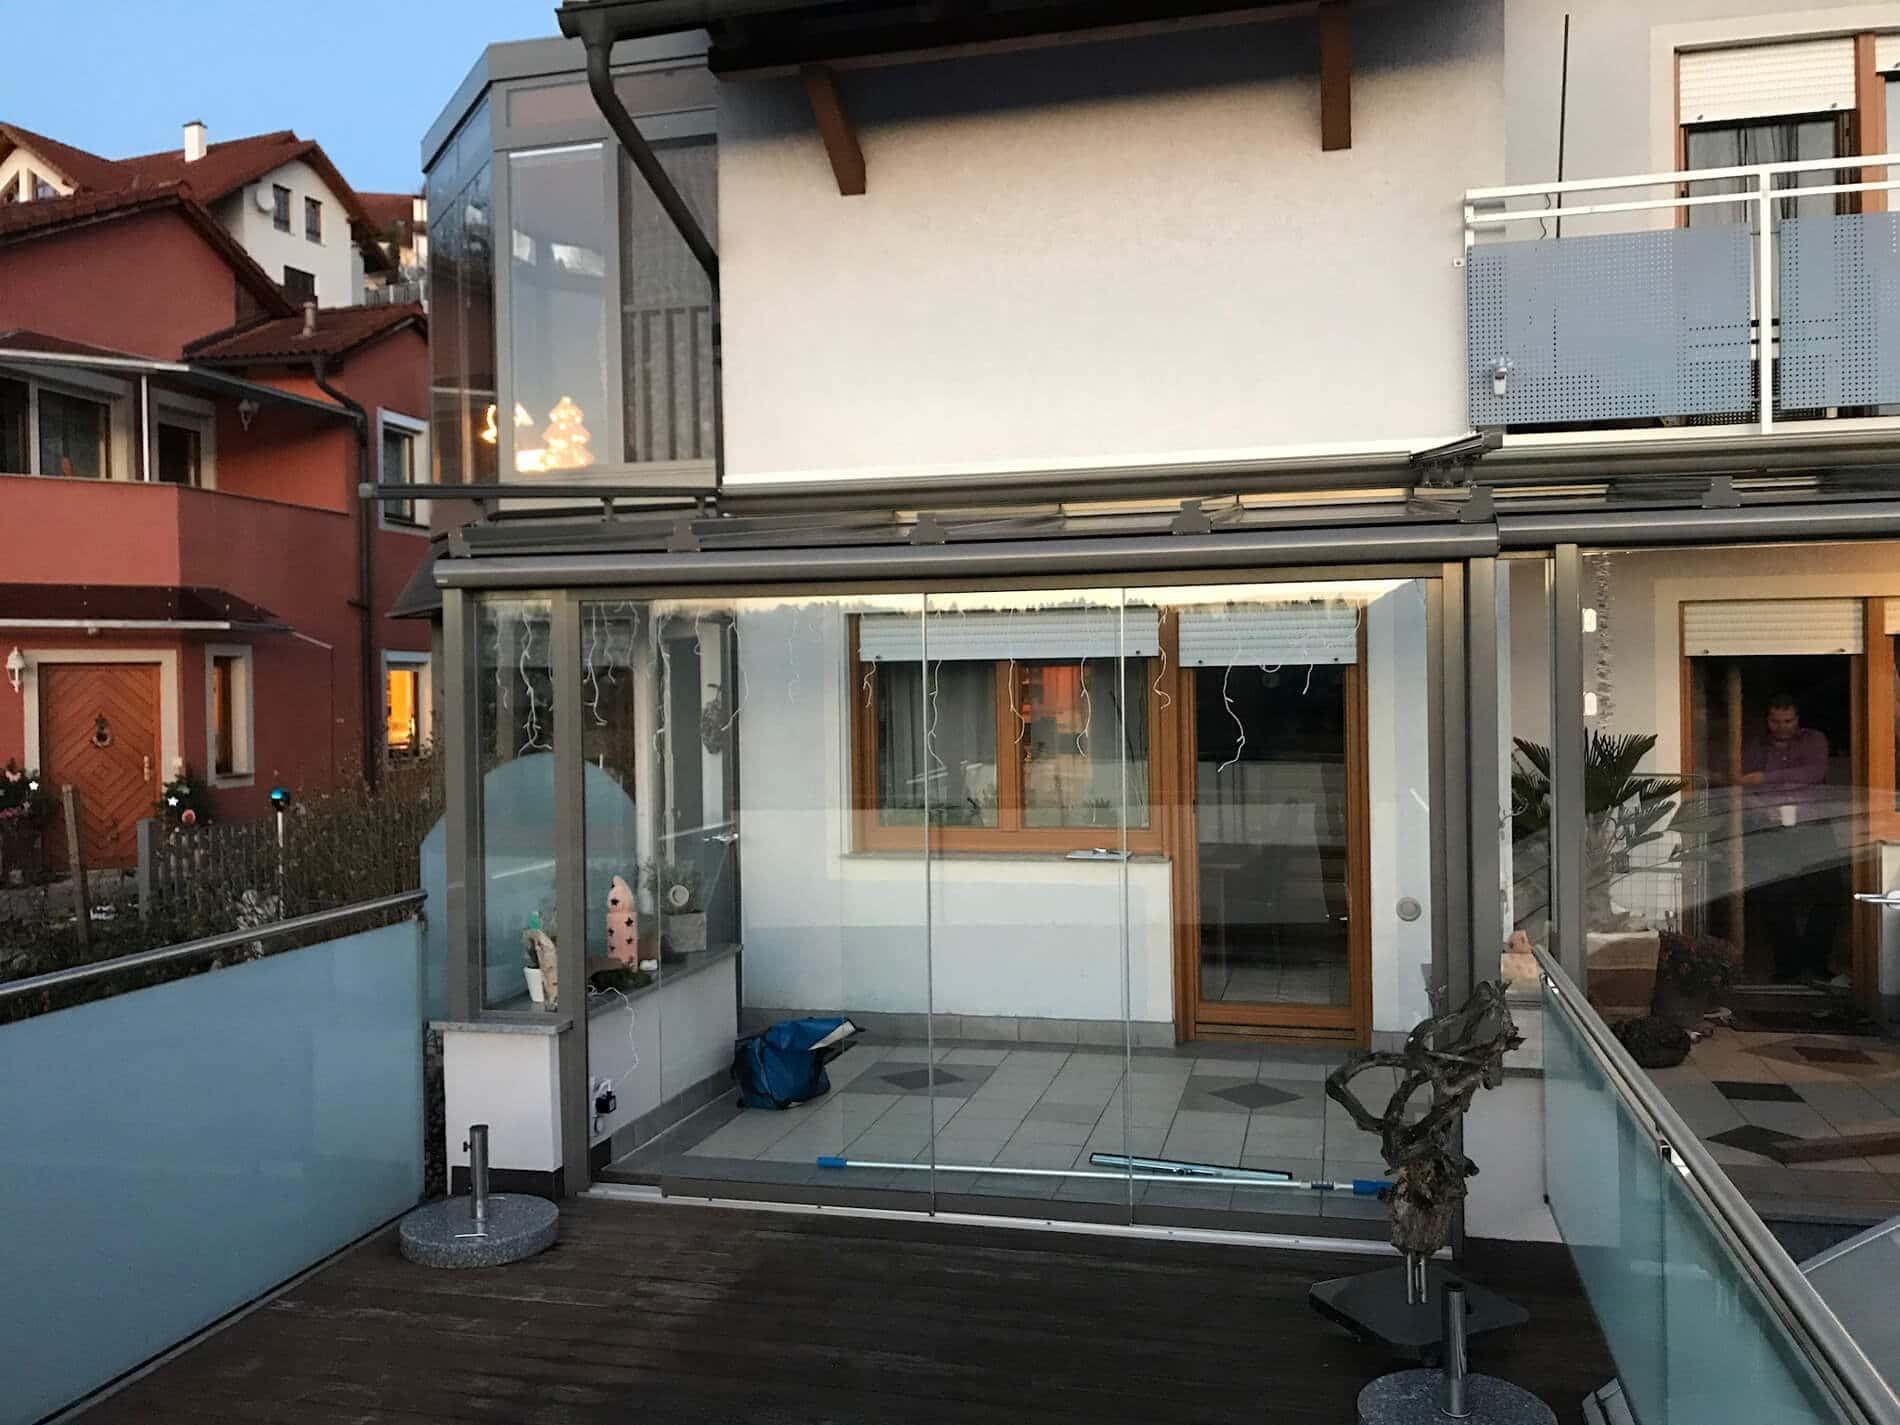 Wintergarten Mit Glasschiebewand Für Terrasse Als Windschutz